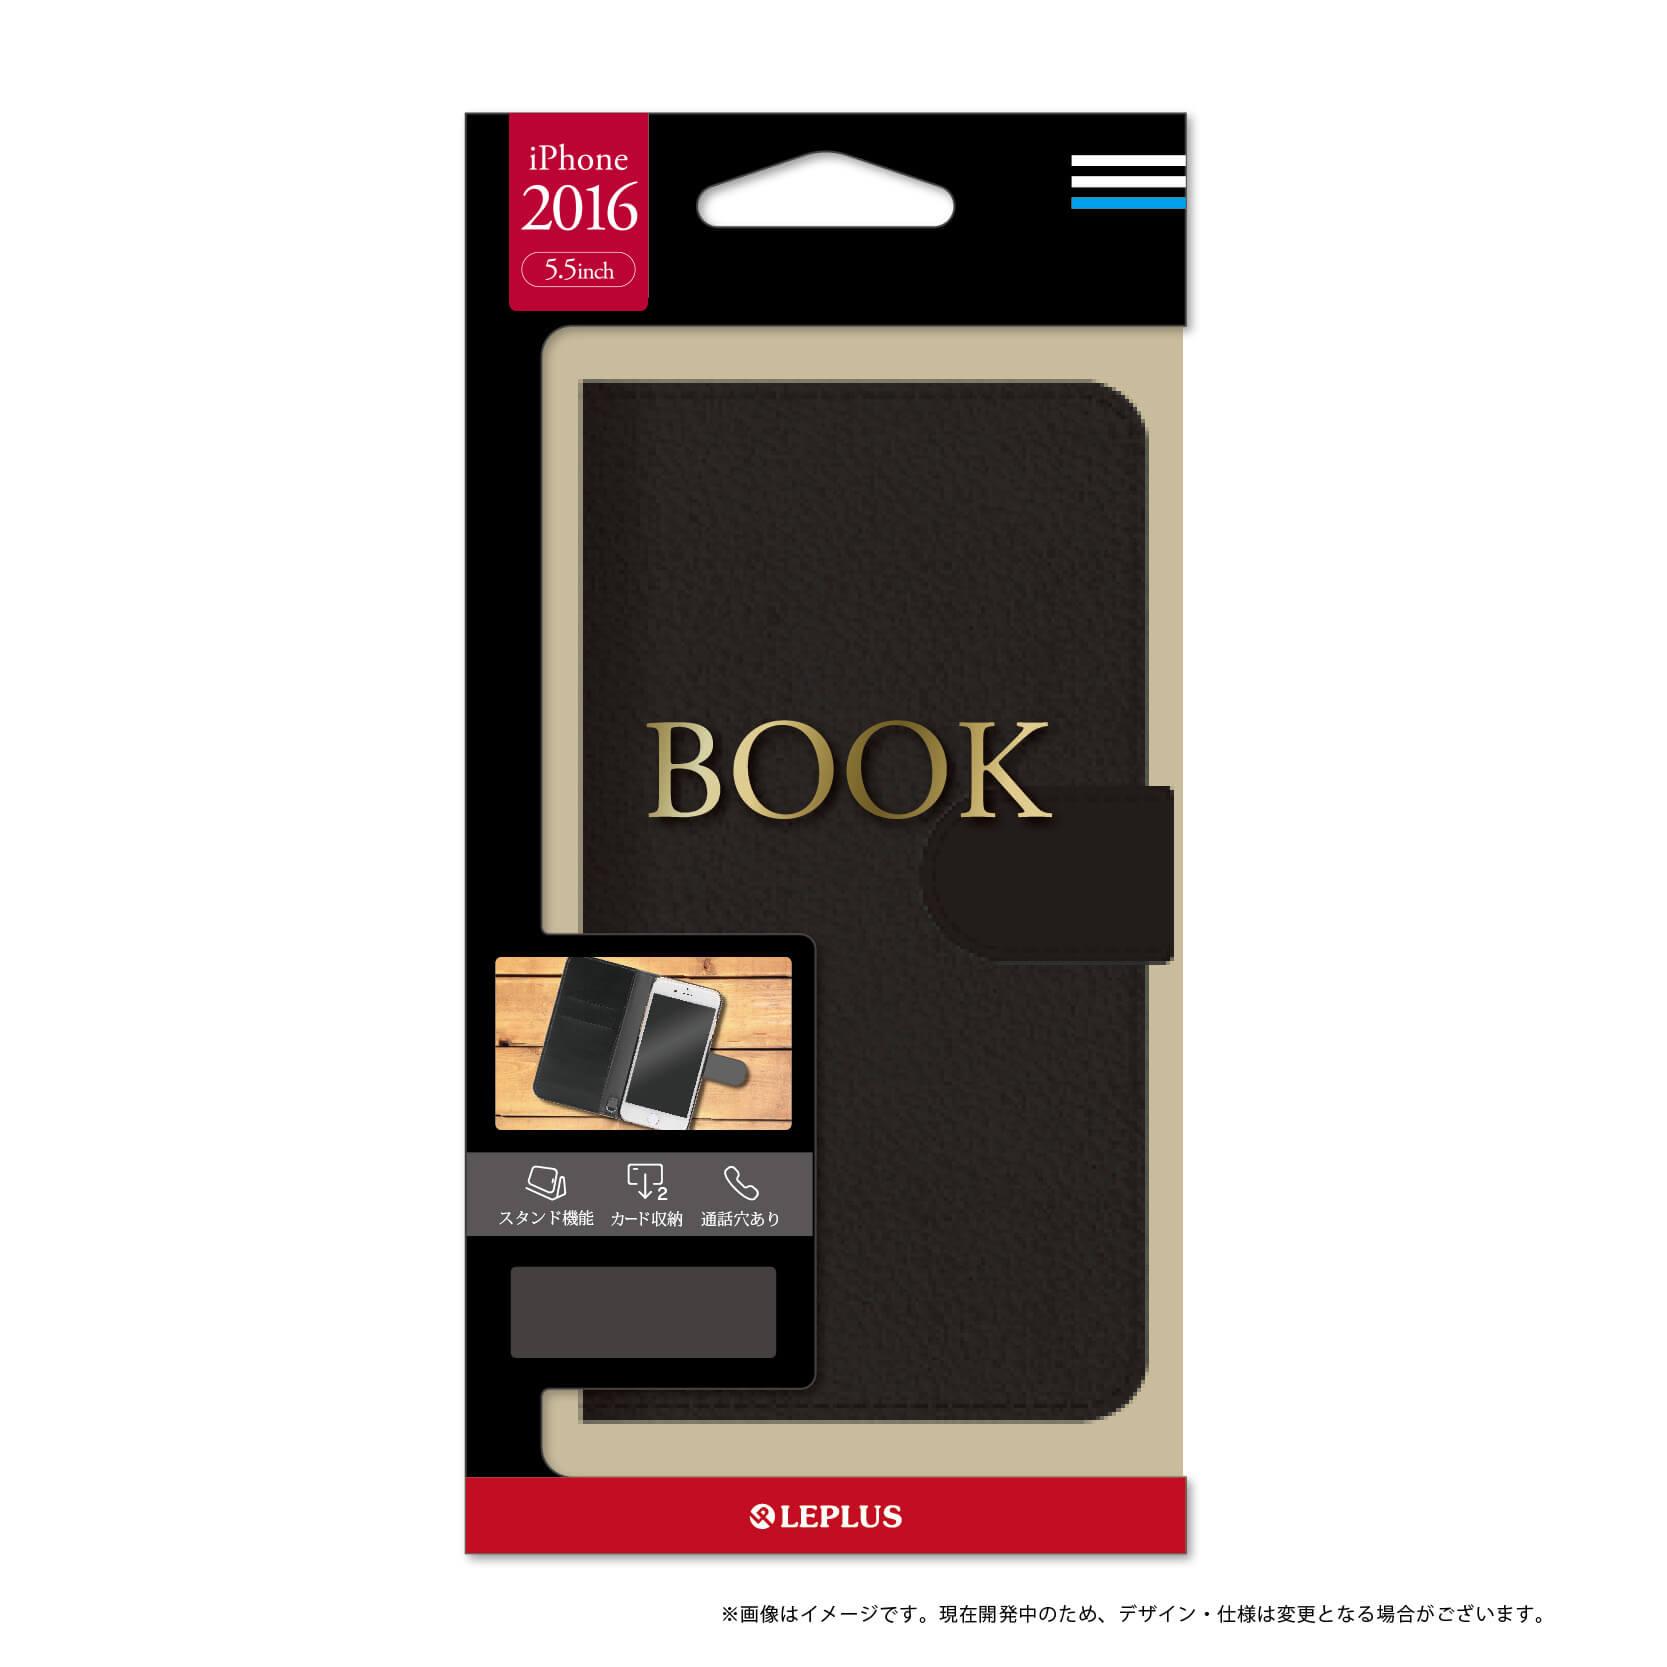 iPhone7 Plus ブックタイプPUレザーケース「BOOK」 ブラック